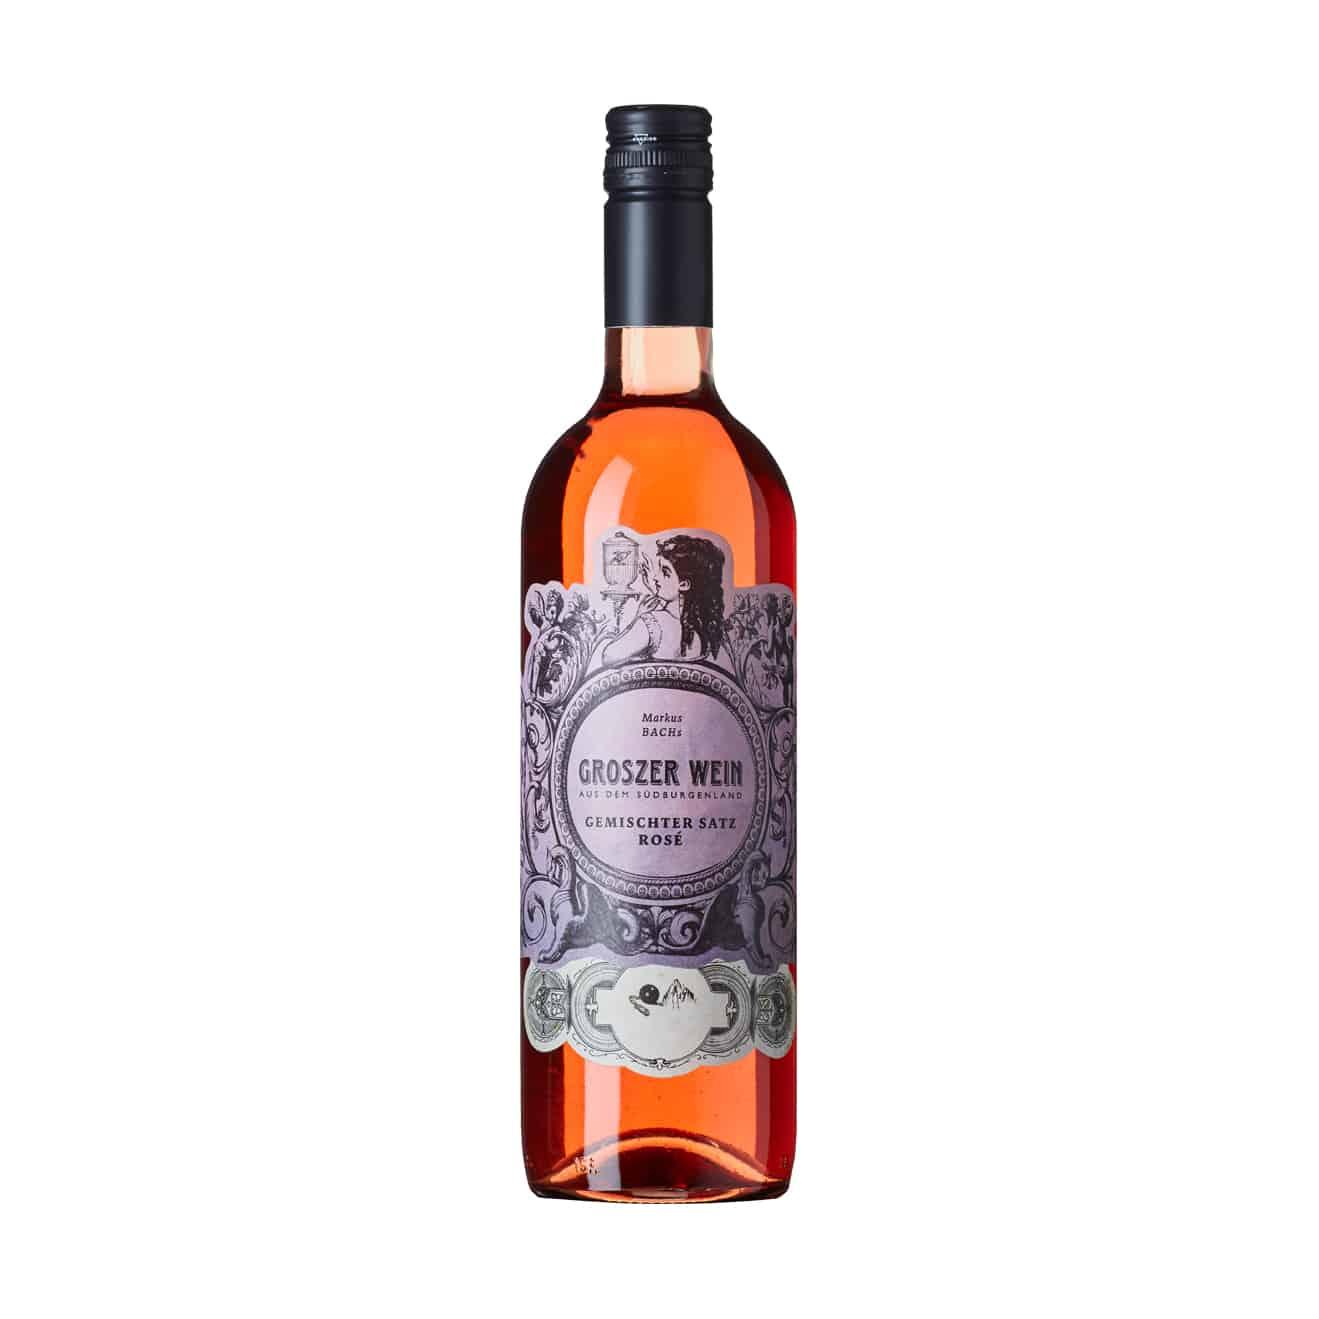 Groszer Wein Der Gemischte Satz Weisz Rose 2017